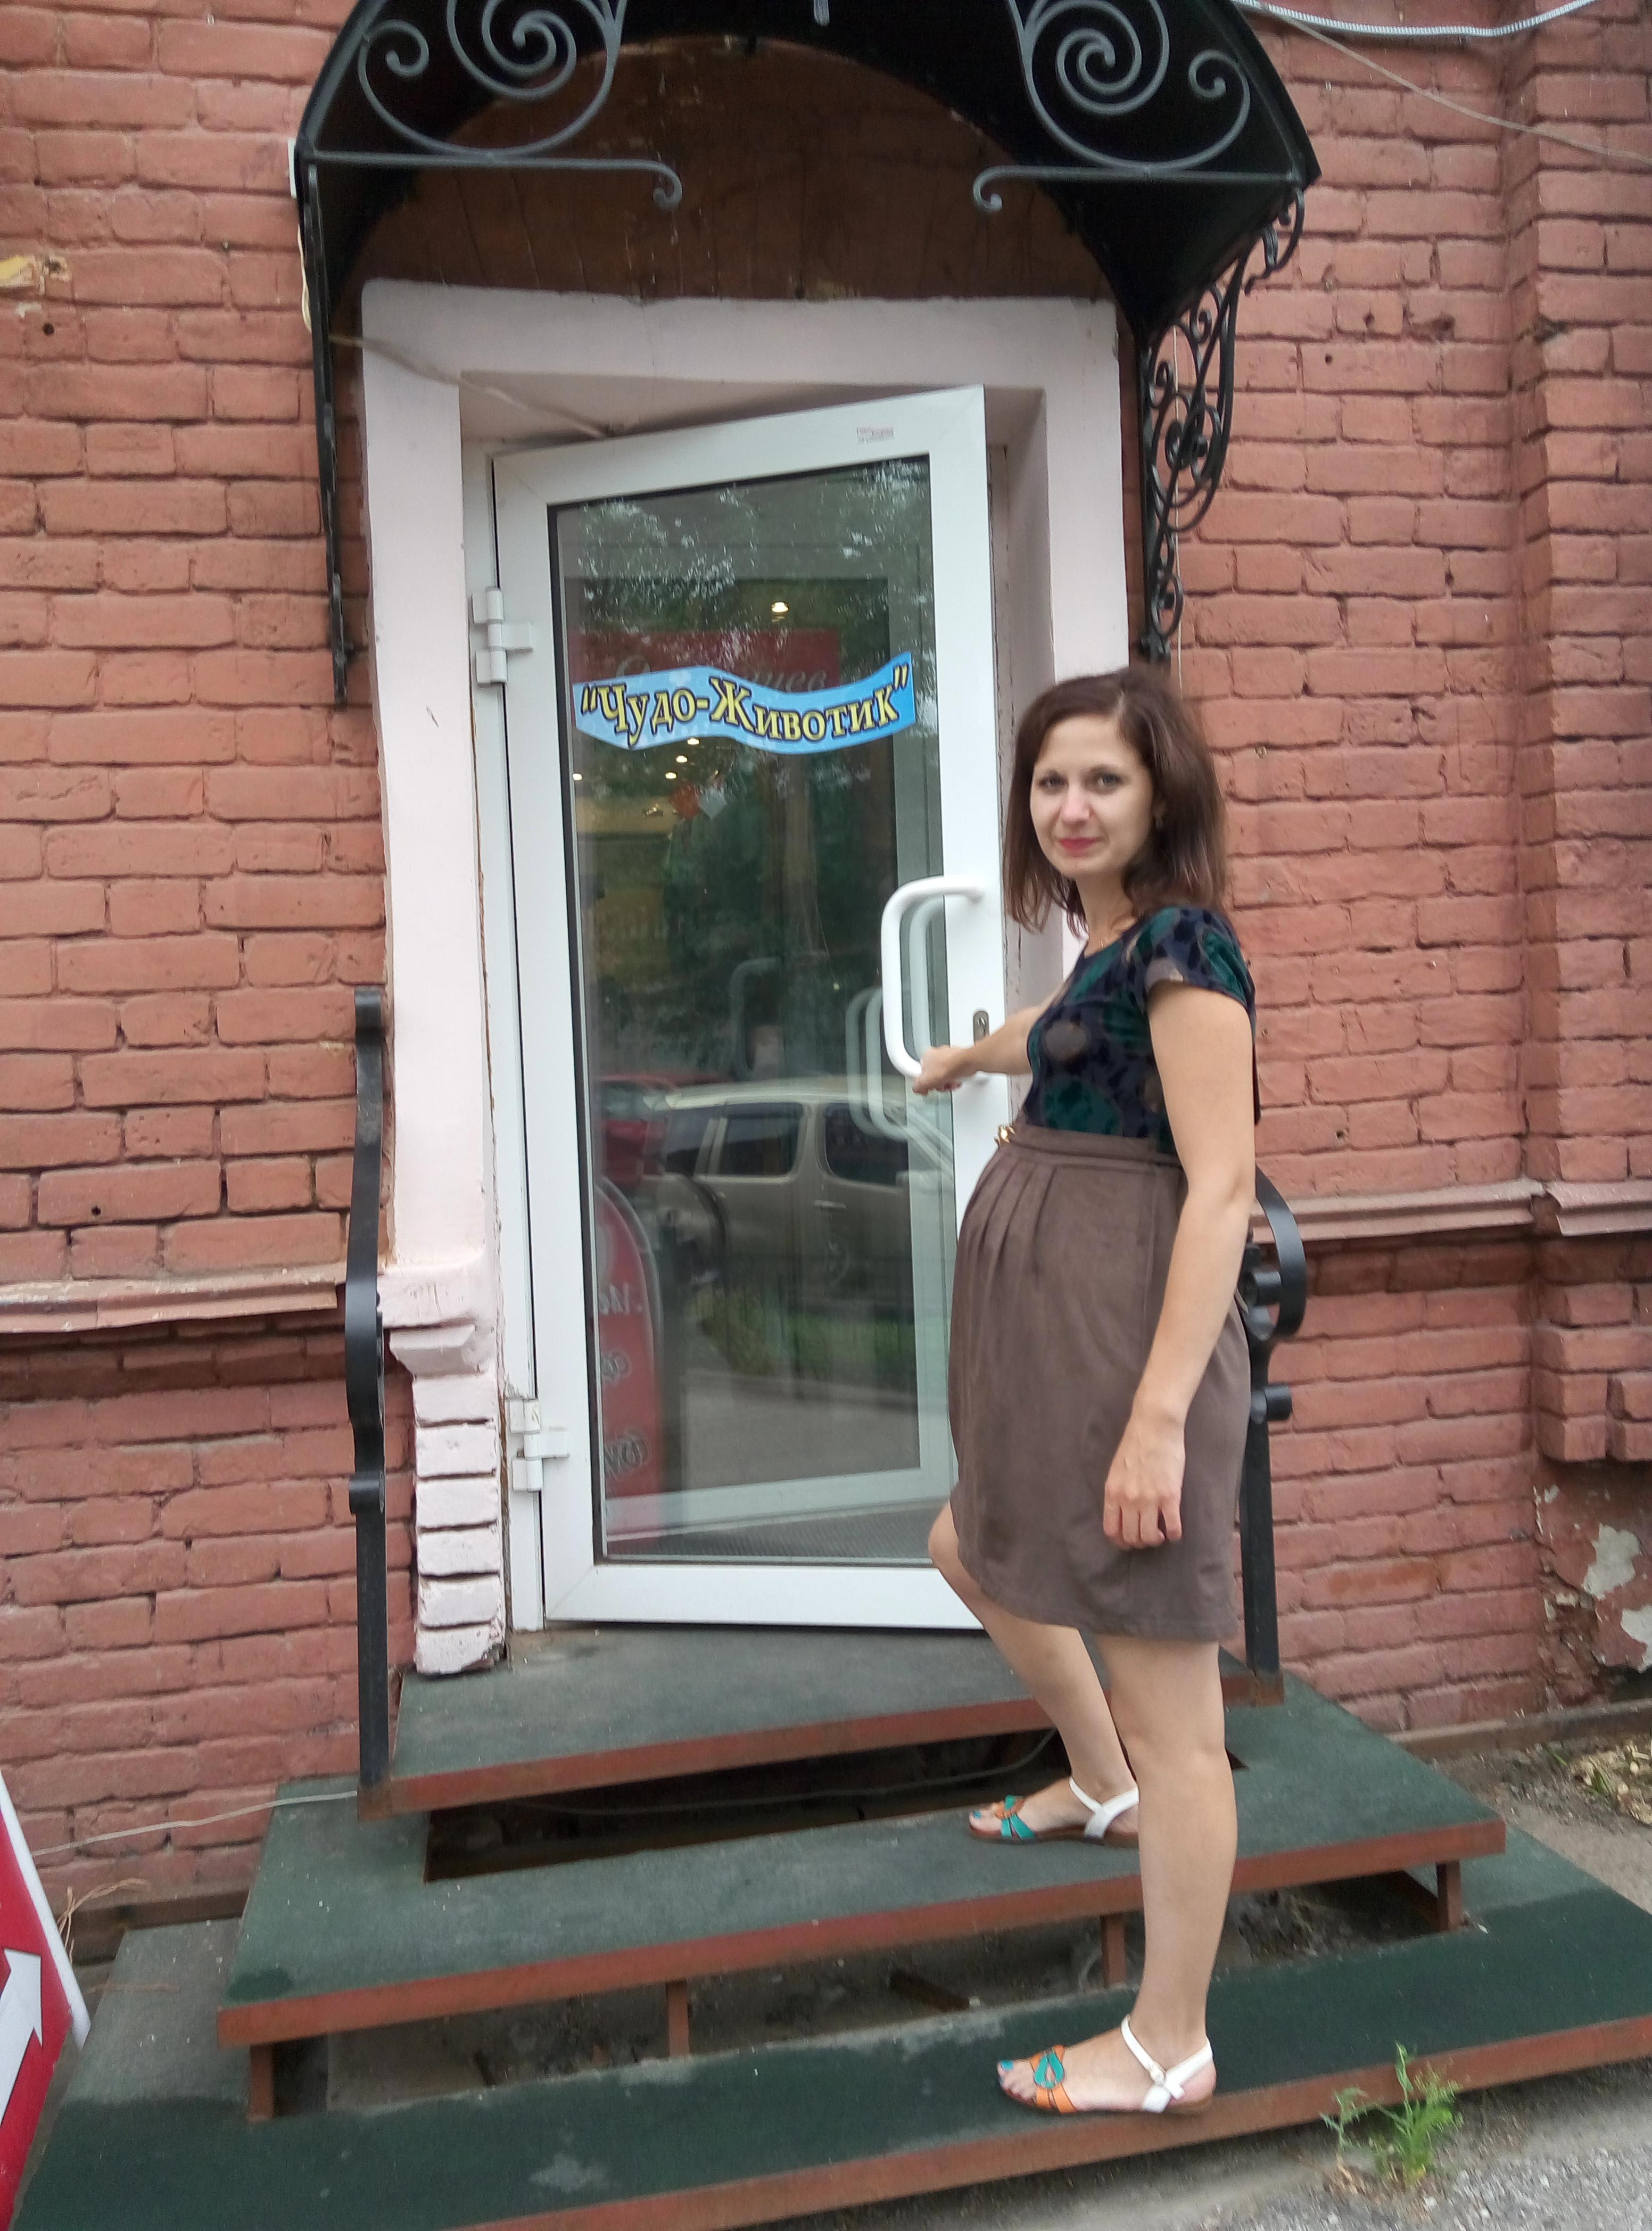 Платье, производство Турция цена 2850руб, цвет коричневый, блуза велюр, юбка спандекс Новая цена 1850 руб. Размеры уточняйте у продавца